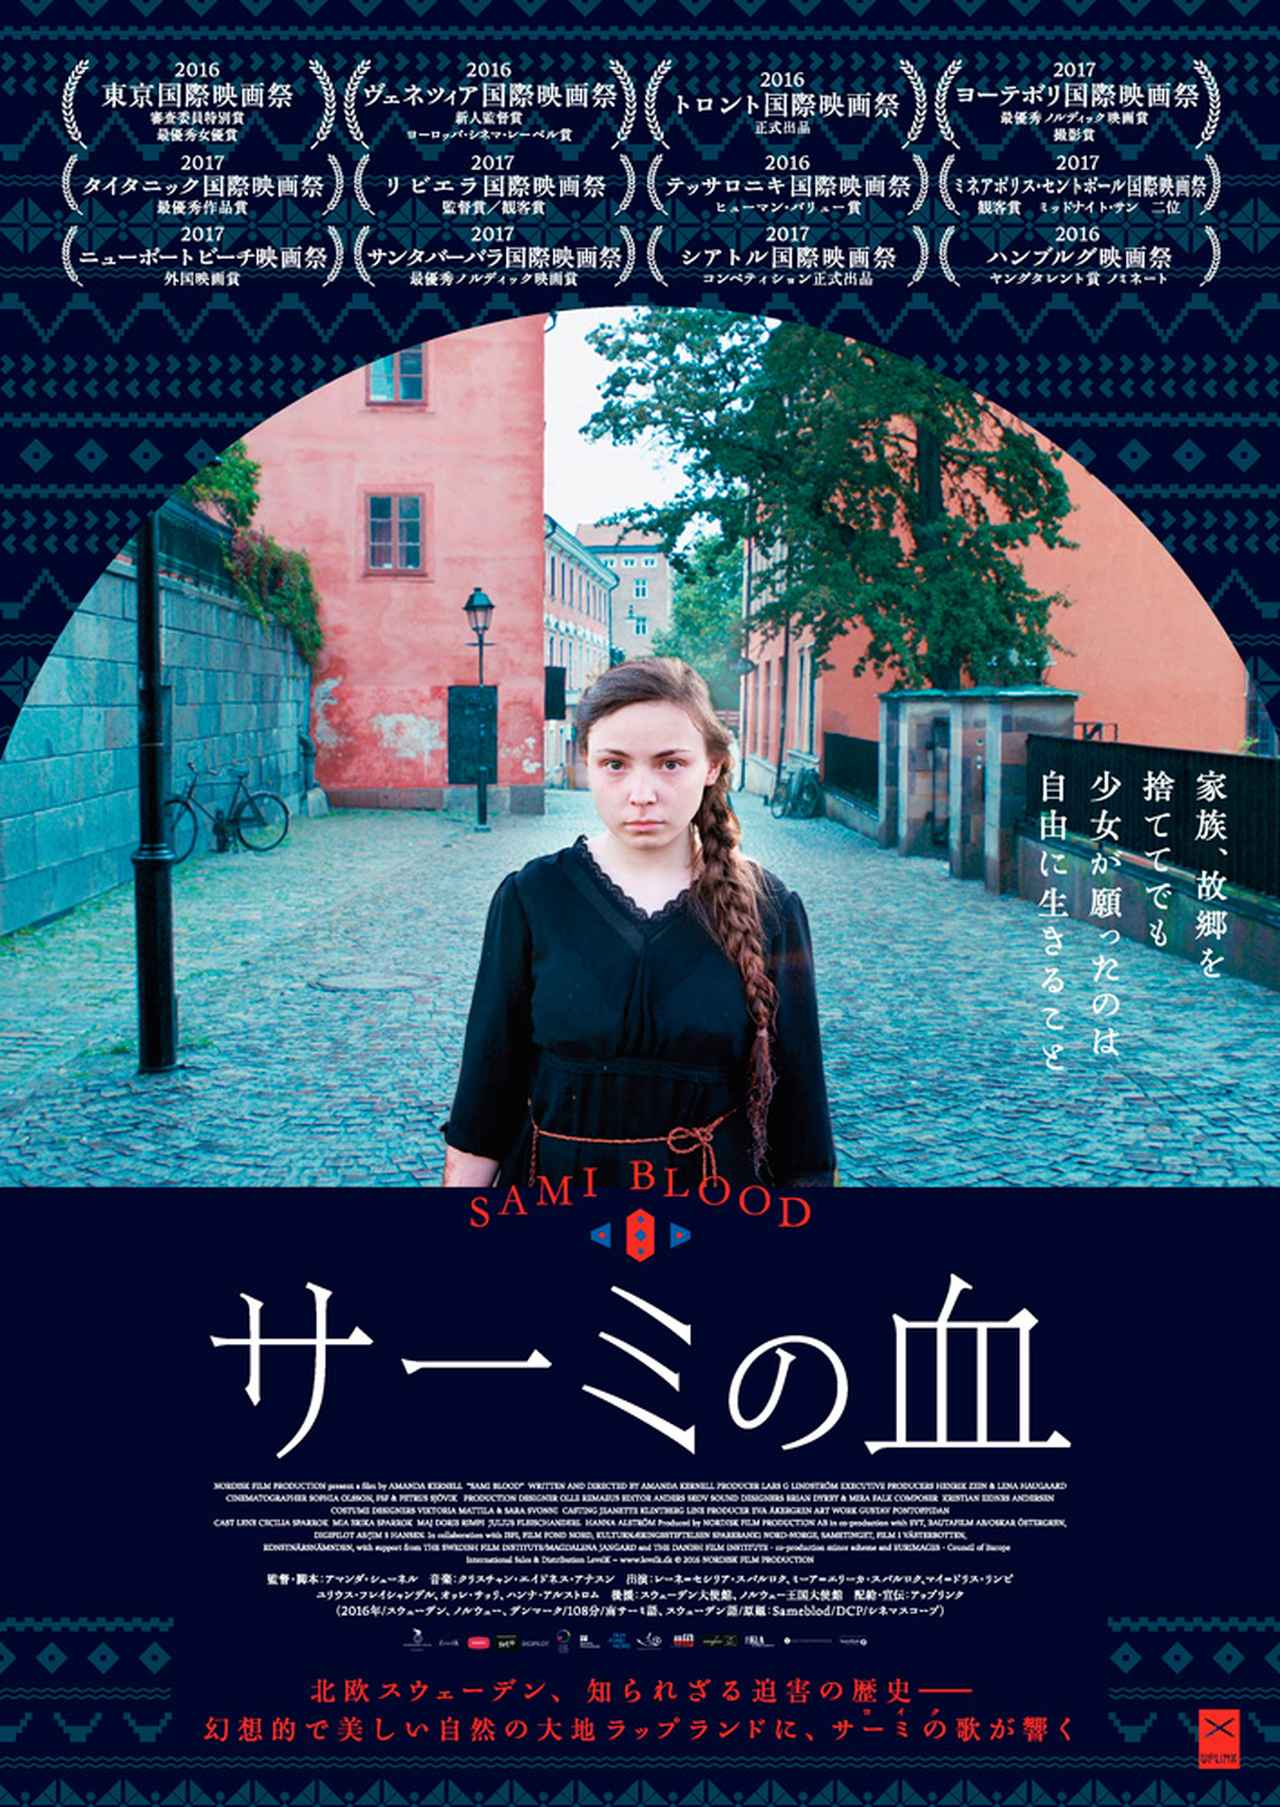 画像2: (c) 2016 NORDISK FILM PRODUCTION